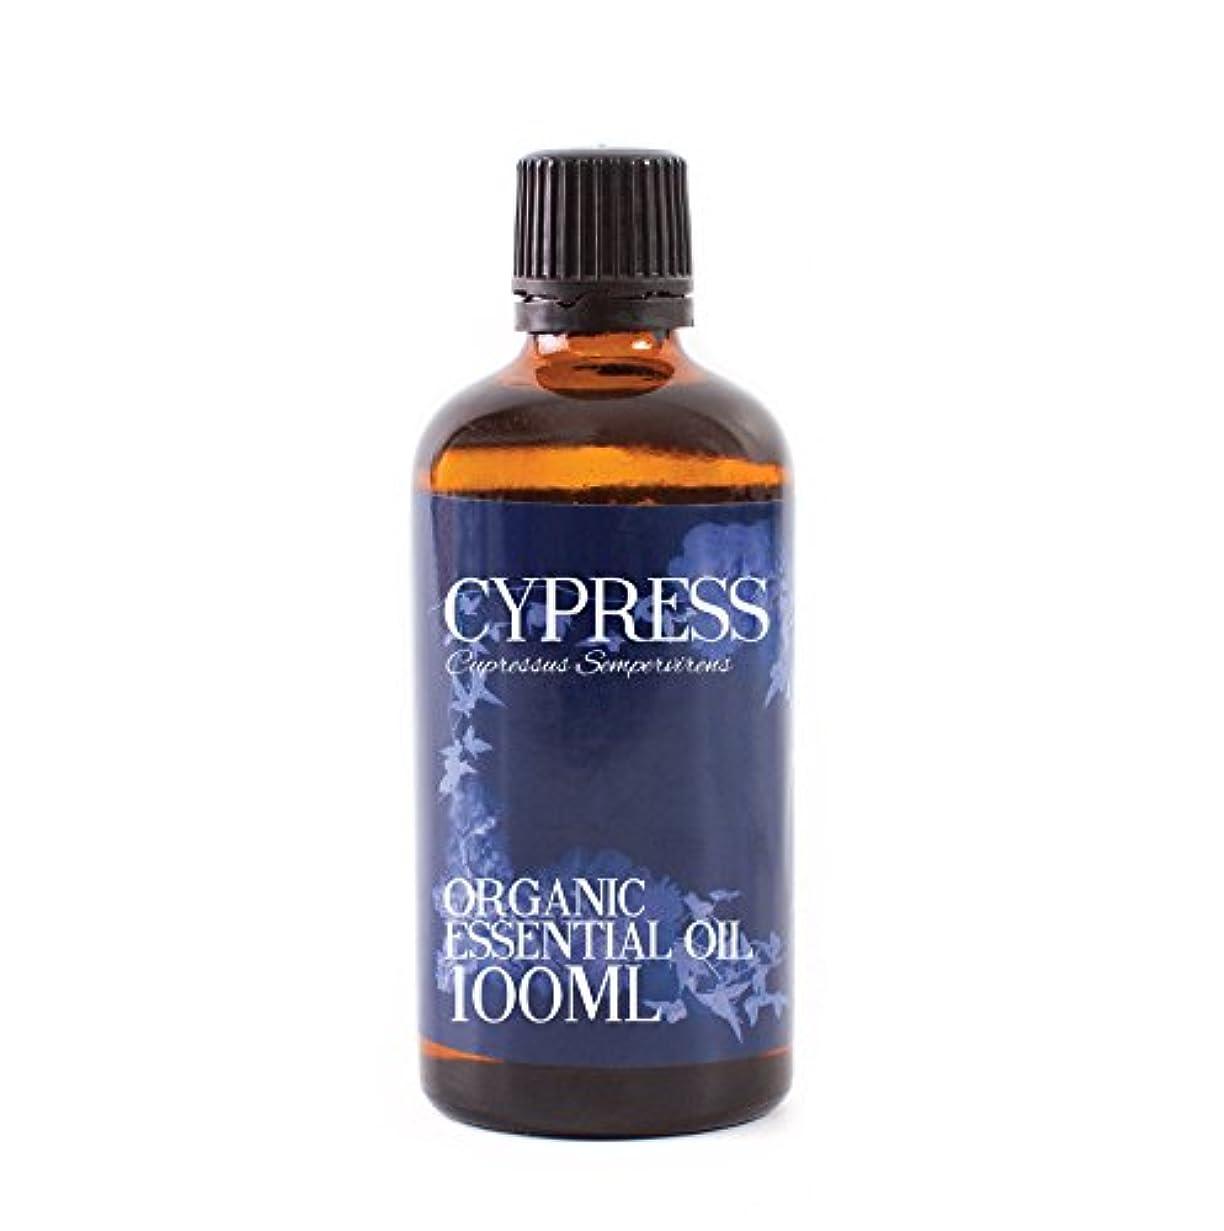 クロール不可能な流星Cypress Organic Essential Oil - 100ml - 100% Pure